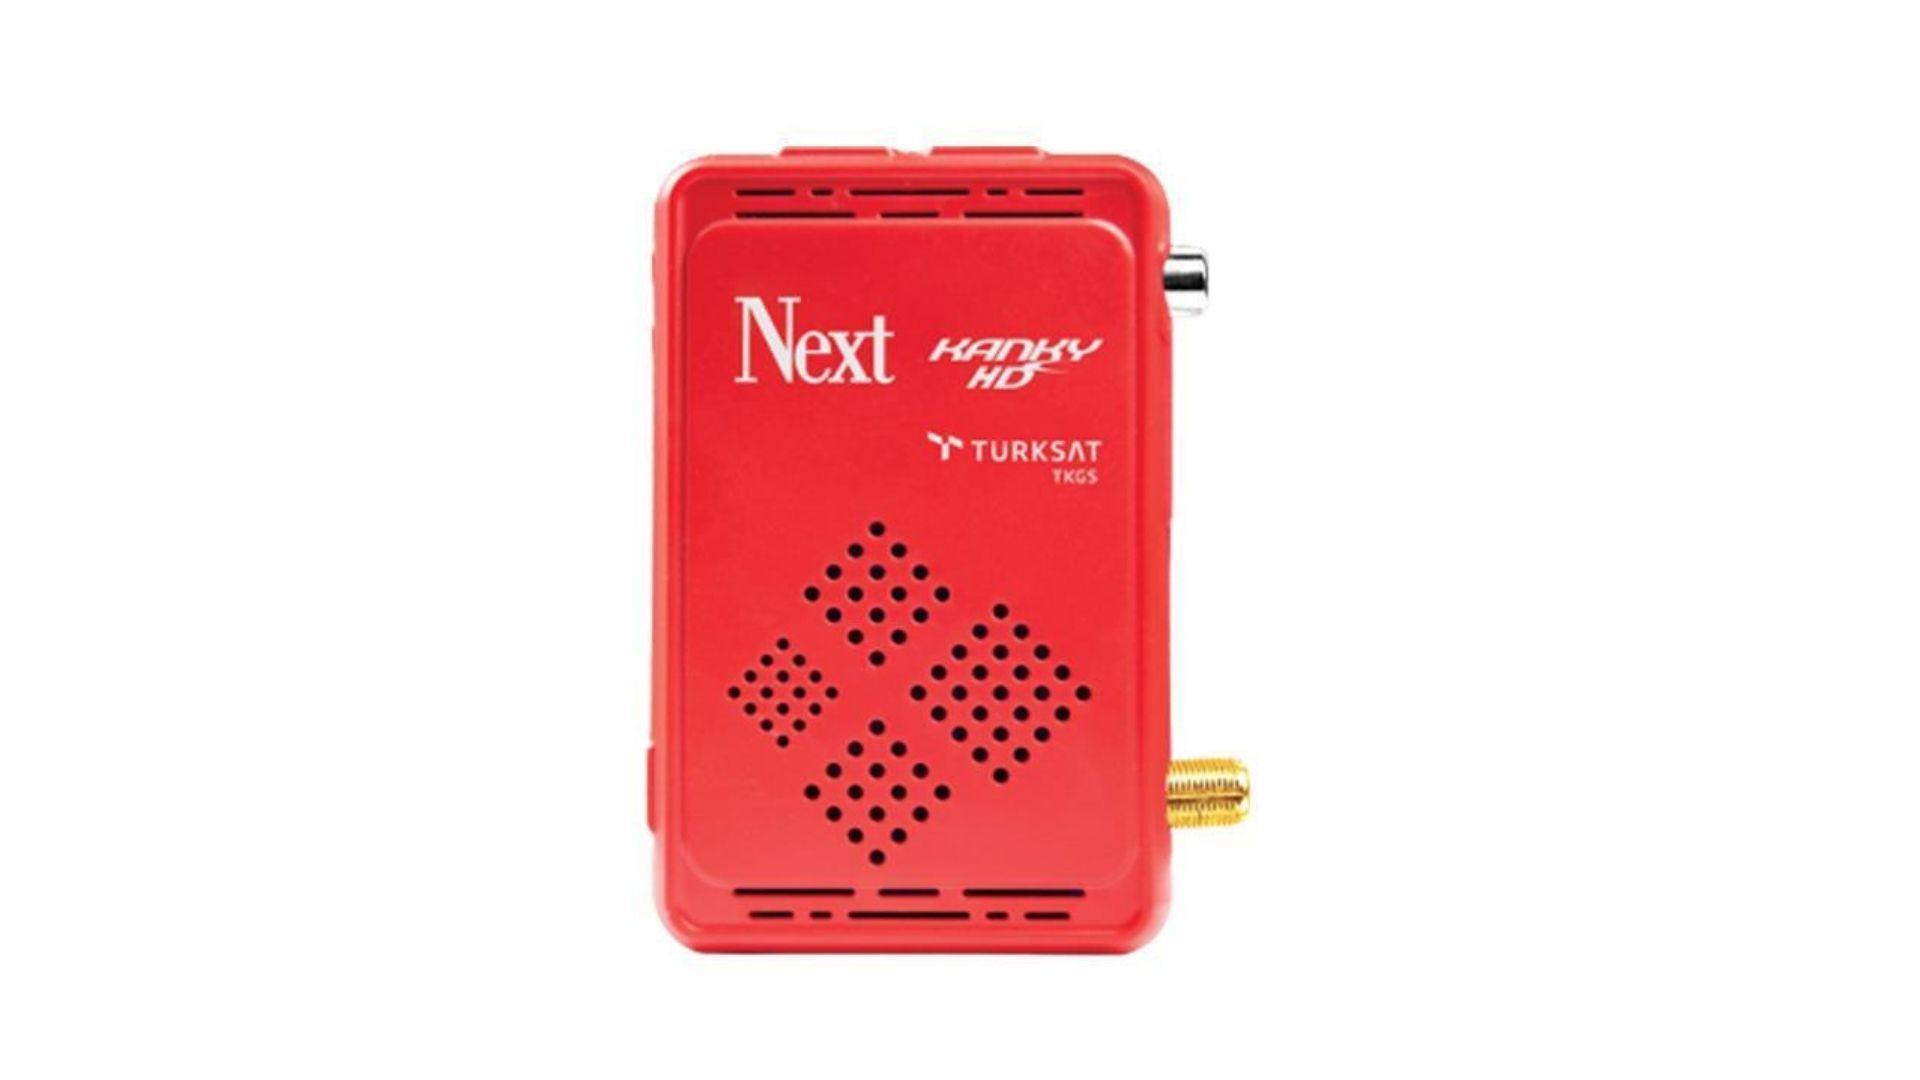 Next KankyTkgs Des HD uydu alıcı